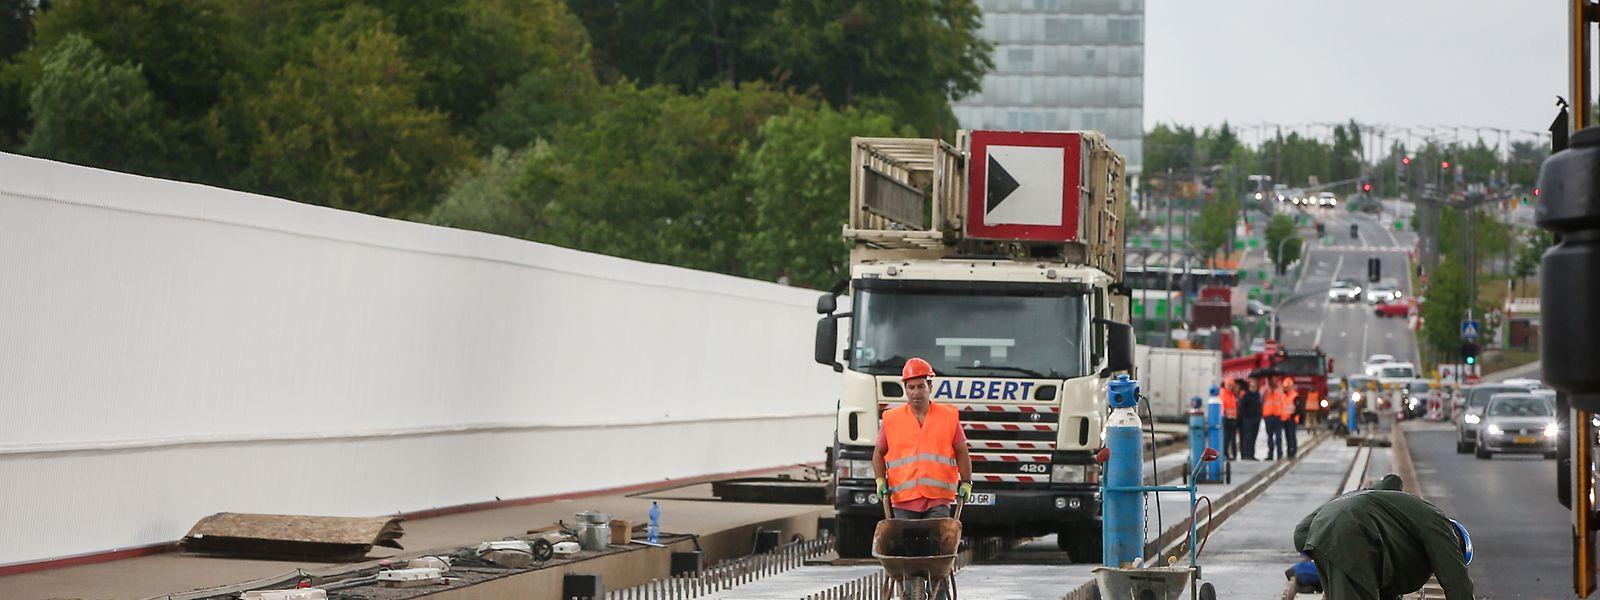 Auf der Roten Brücke wird auch in den kommenden Tagen und Wochen weiter gearbeitet.